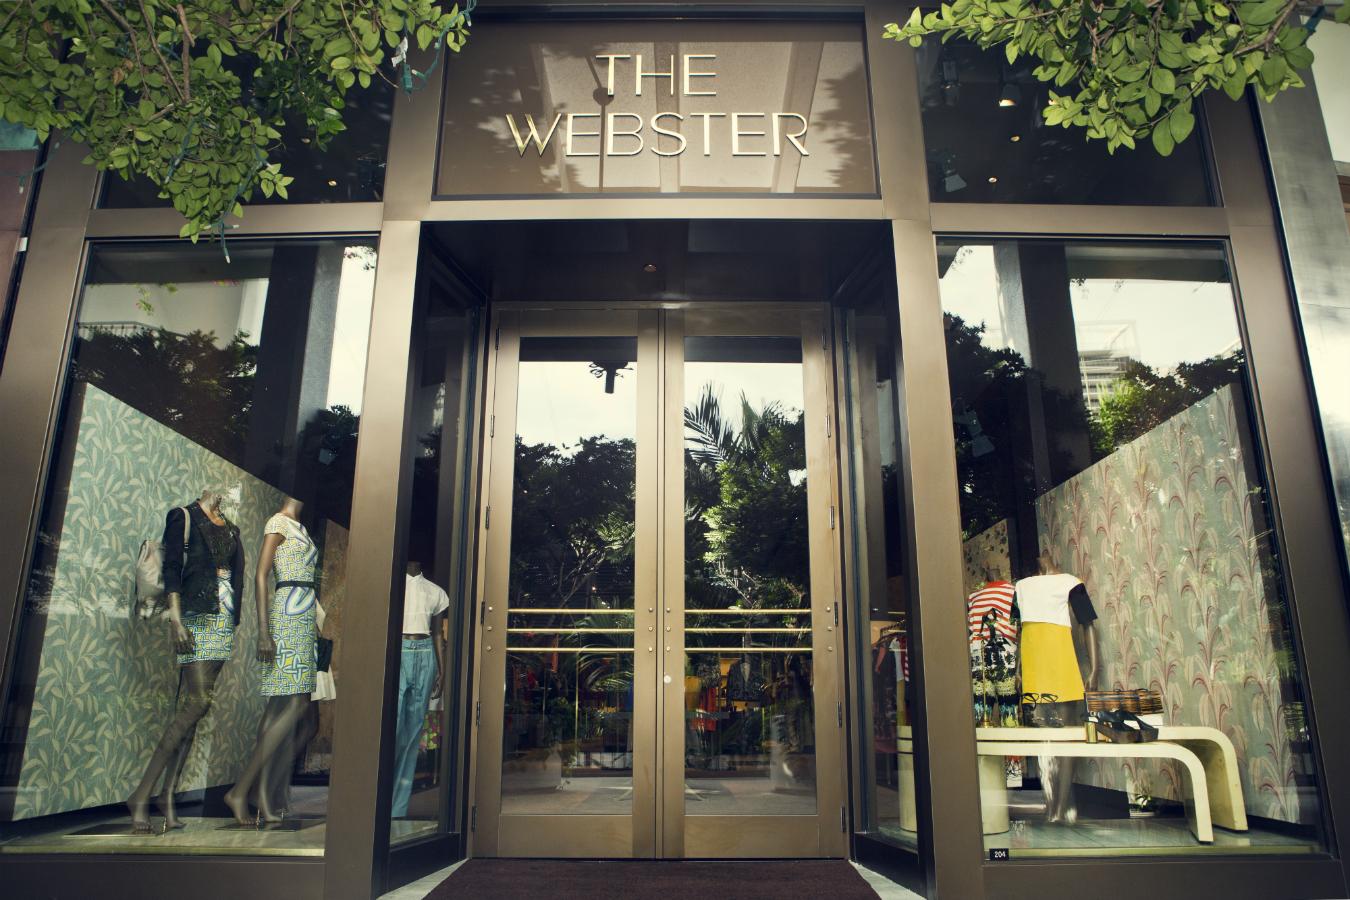 MONTE Blog: The Webster